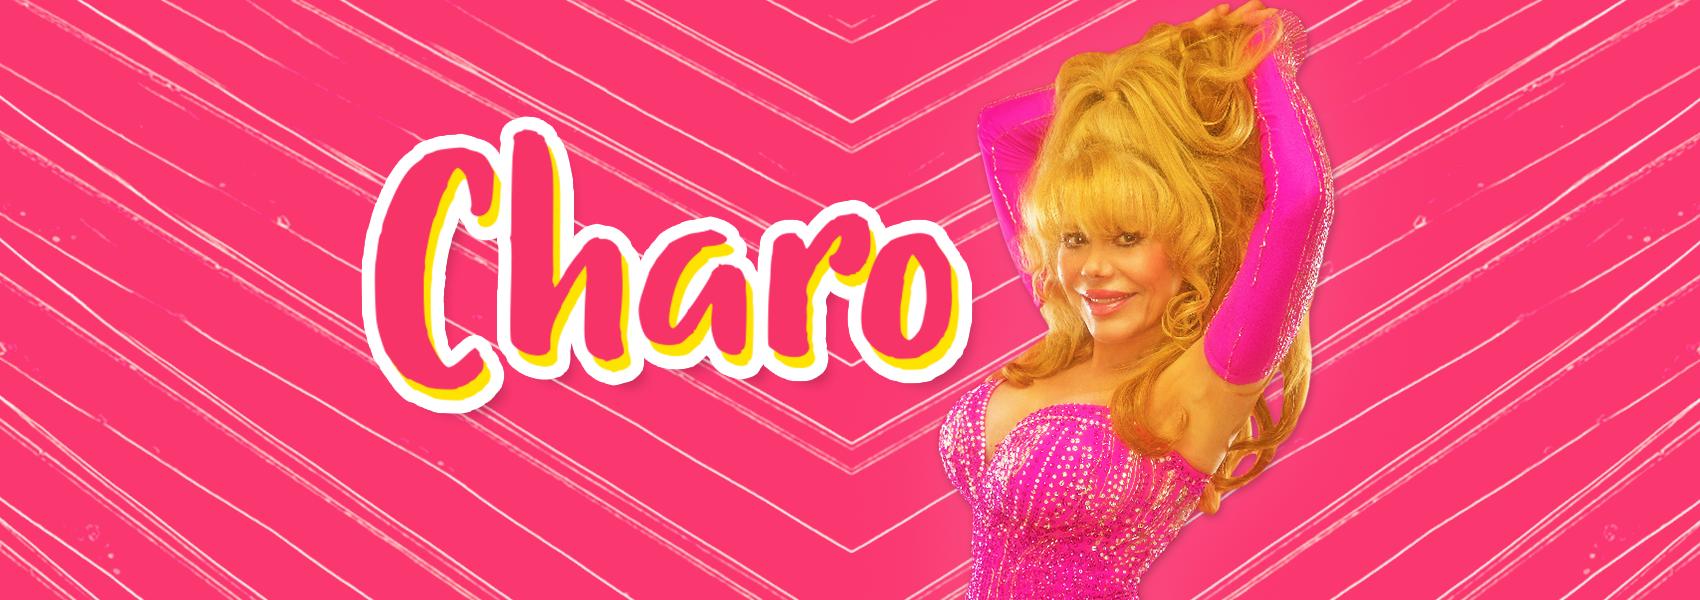 Charo Logo